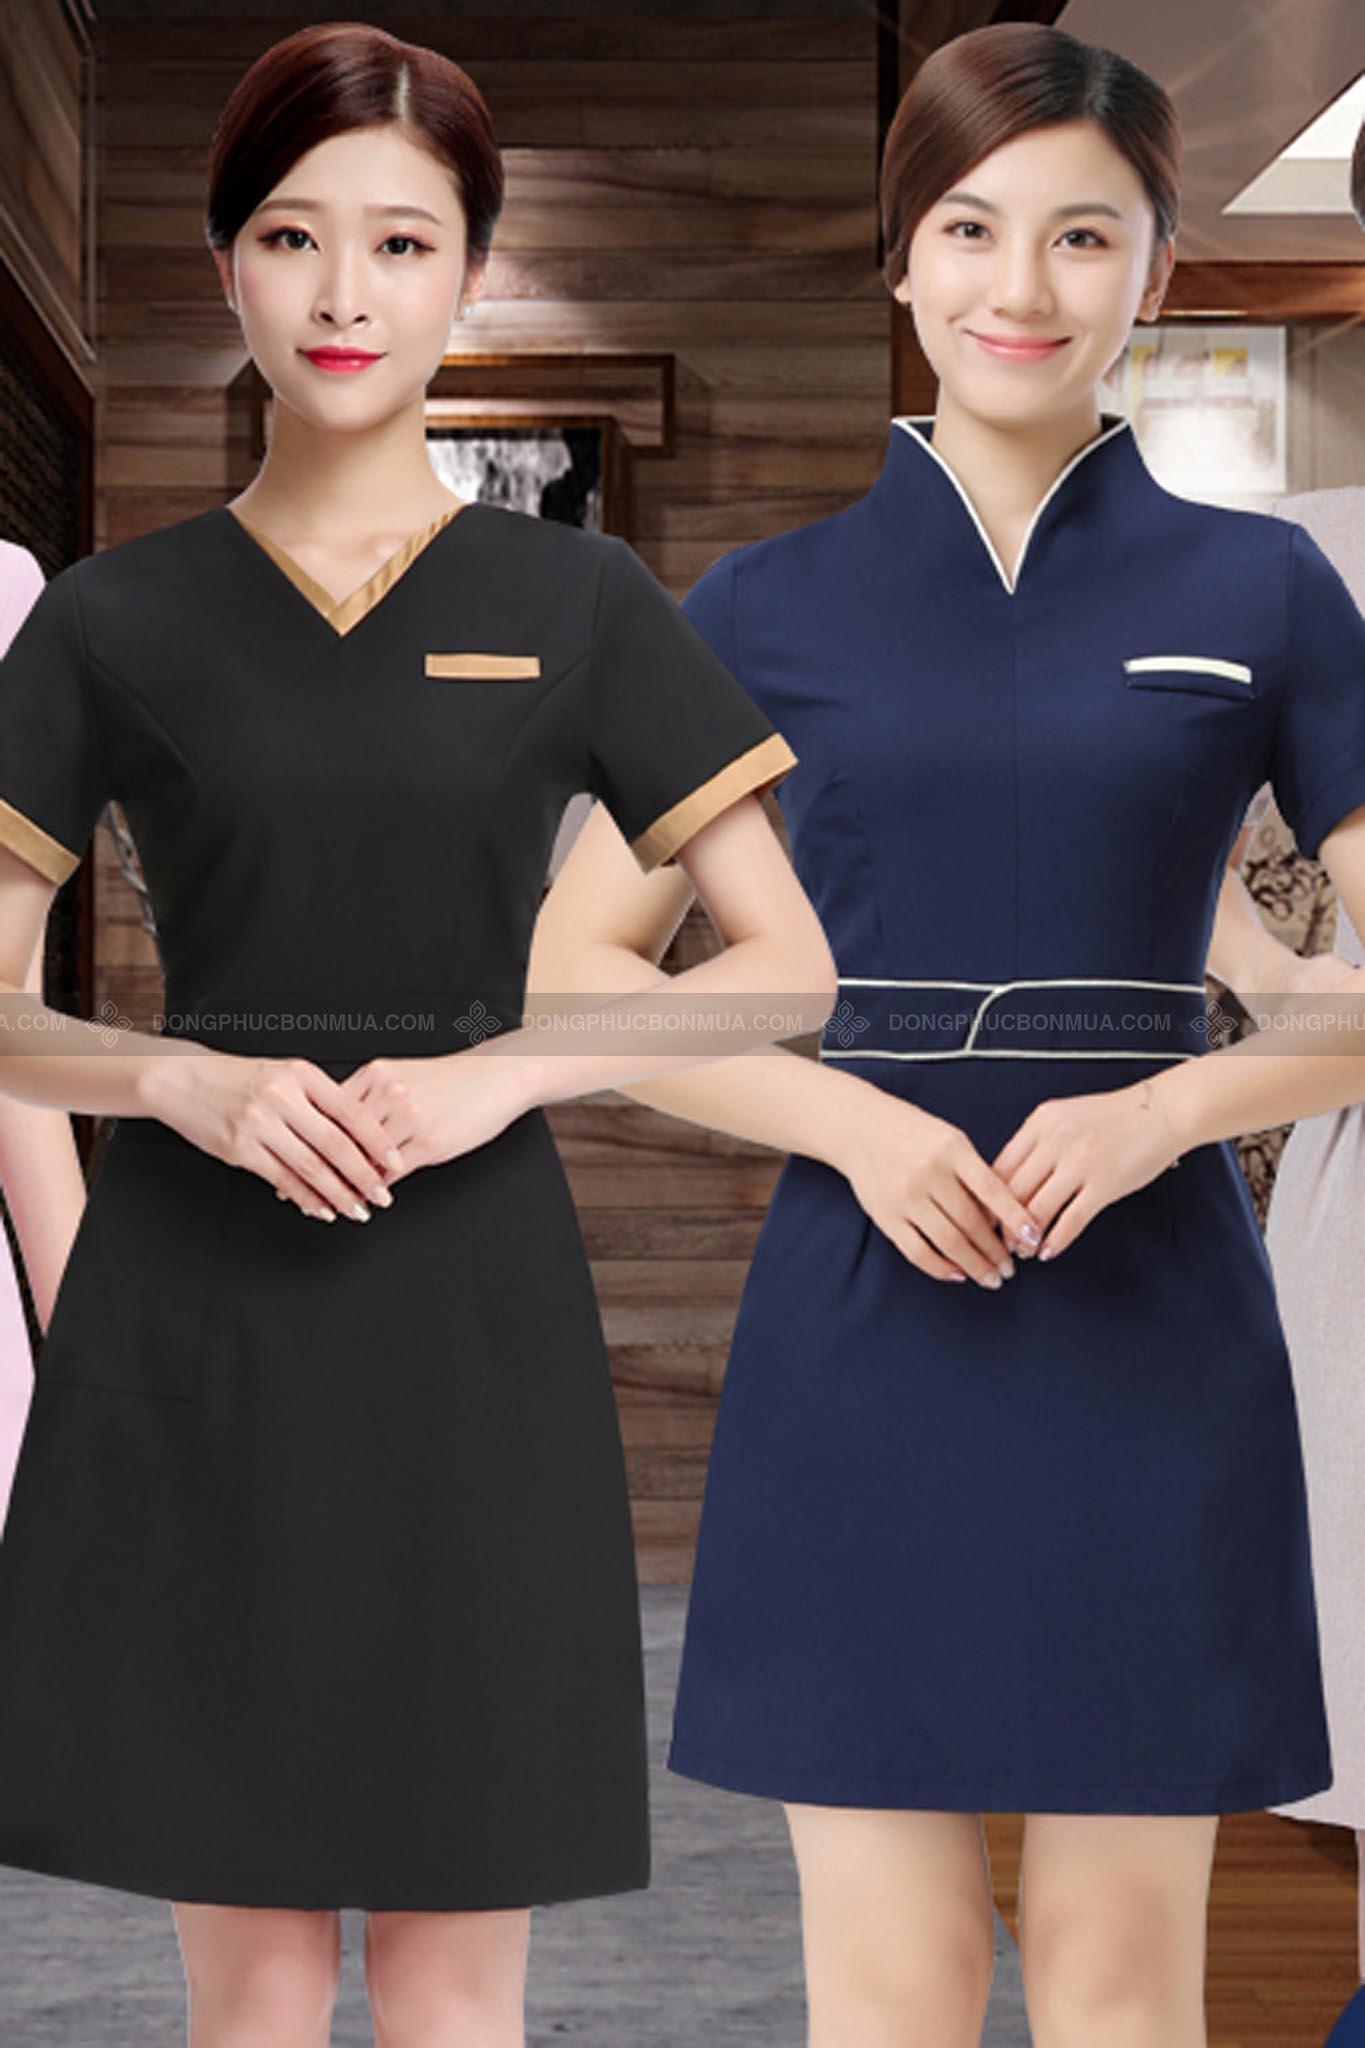 Cần lưu ý khi chọn chất vải làm đồng phục nhân viên massage.